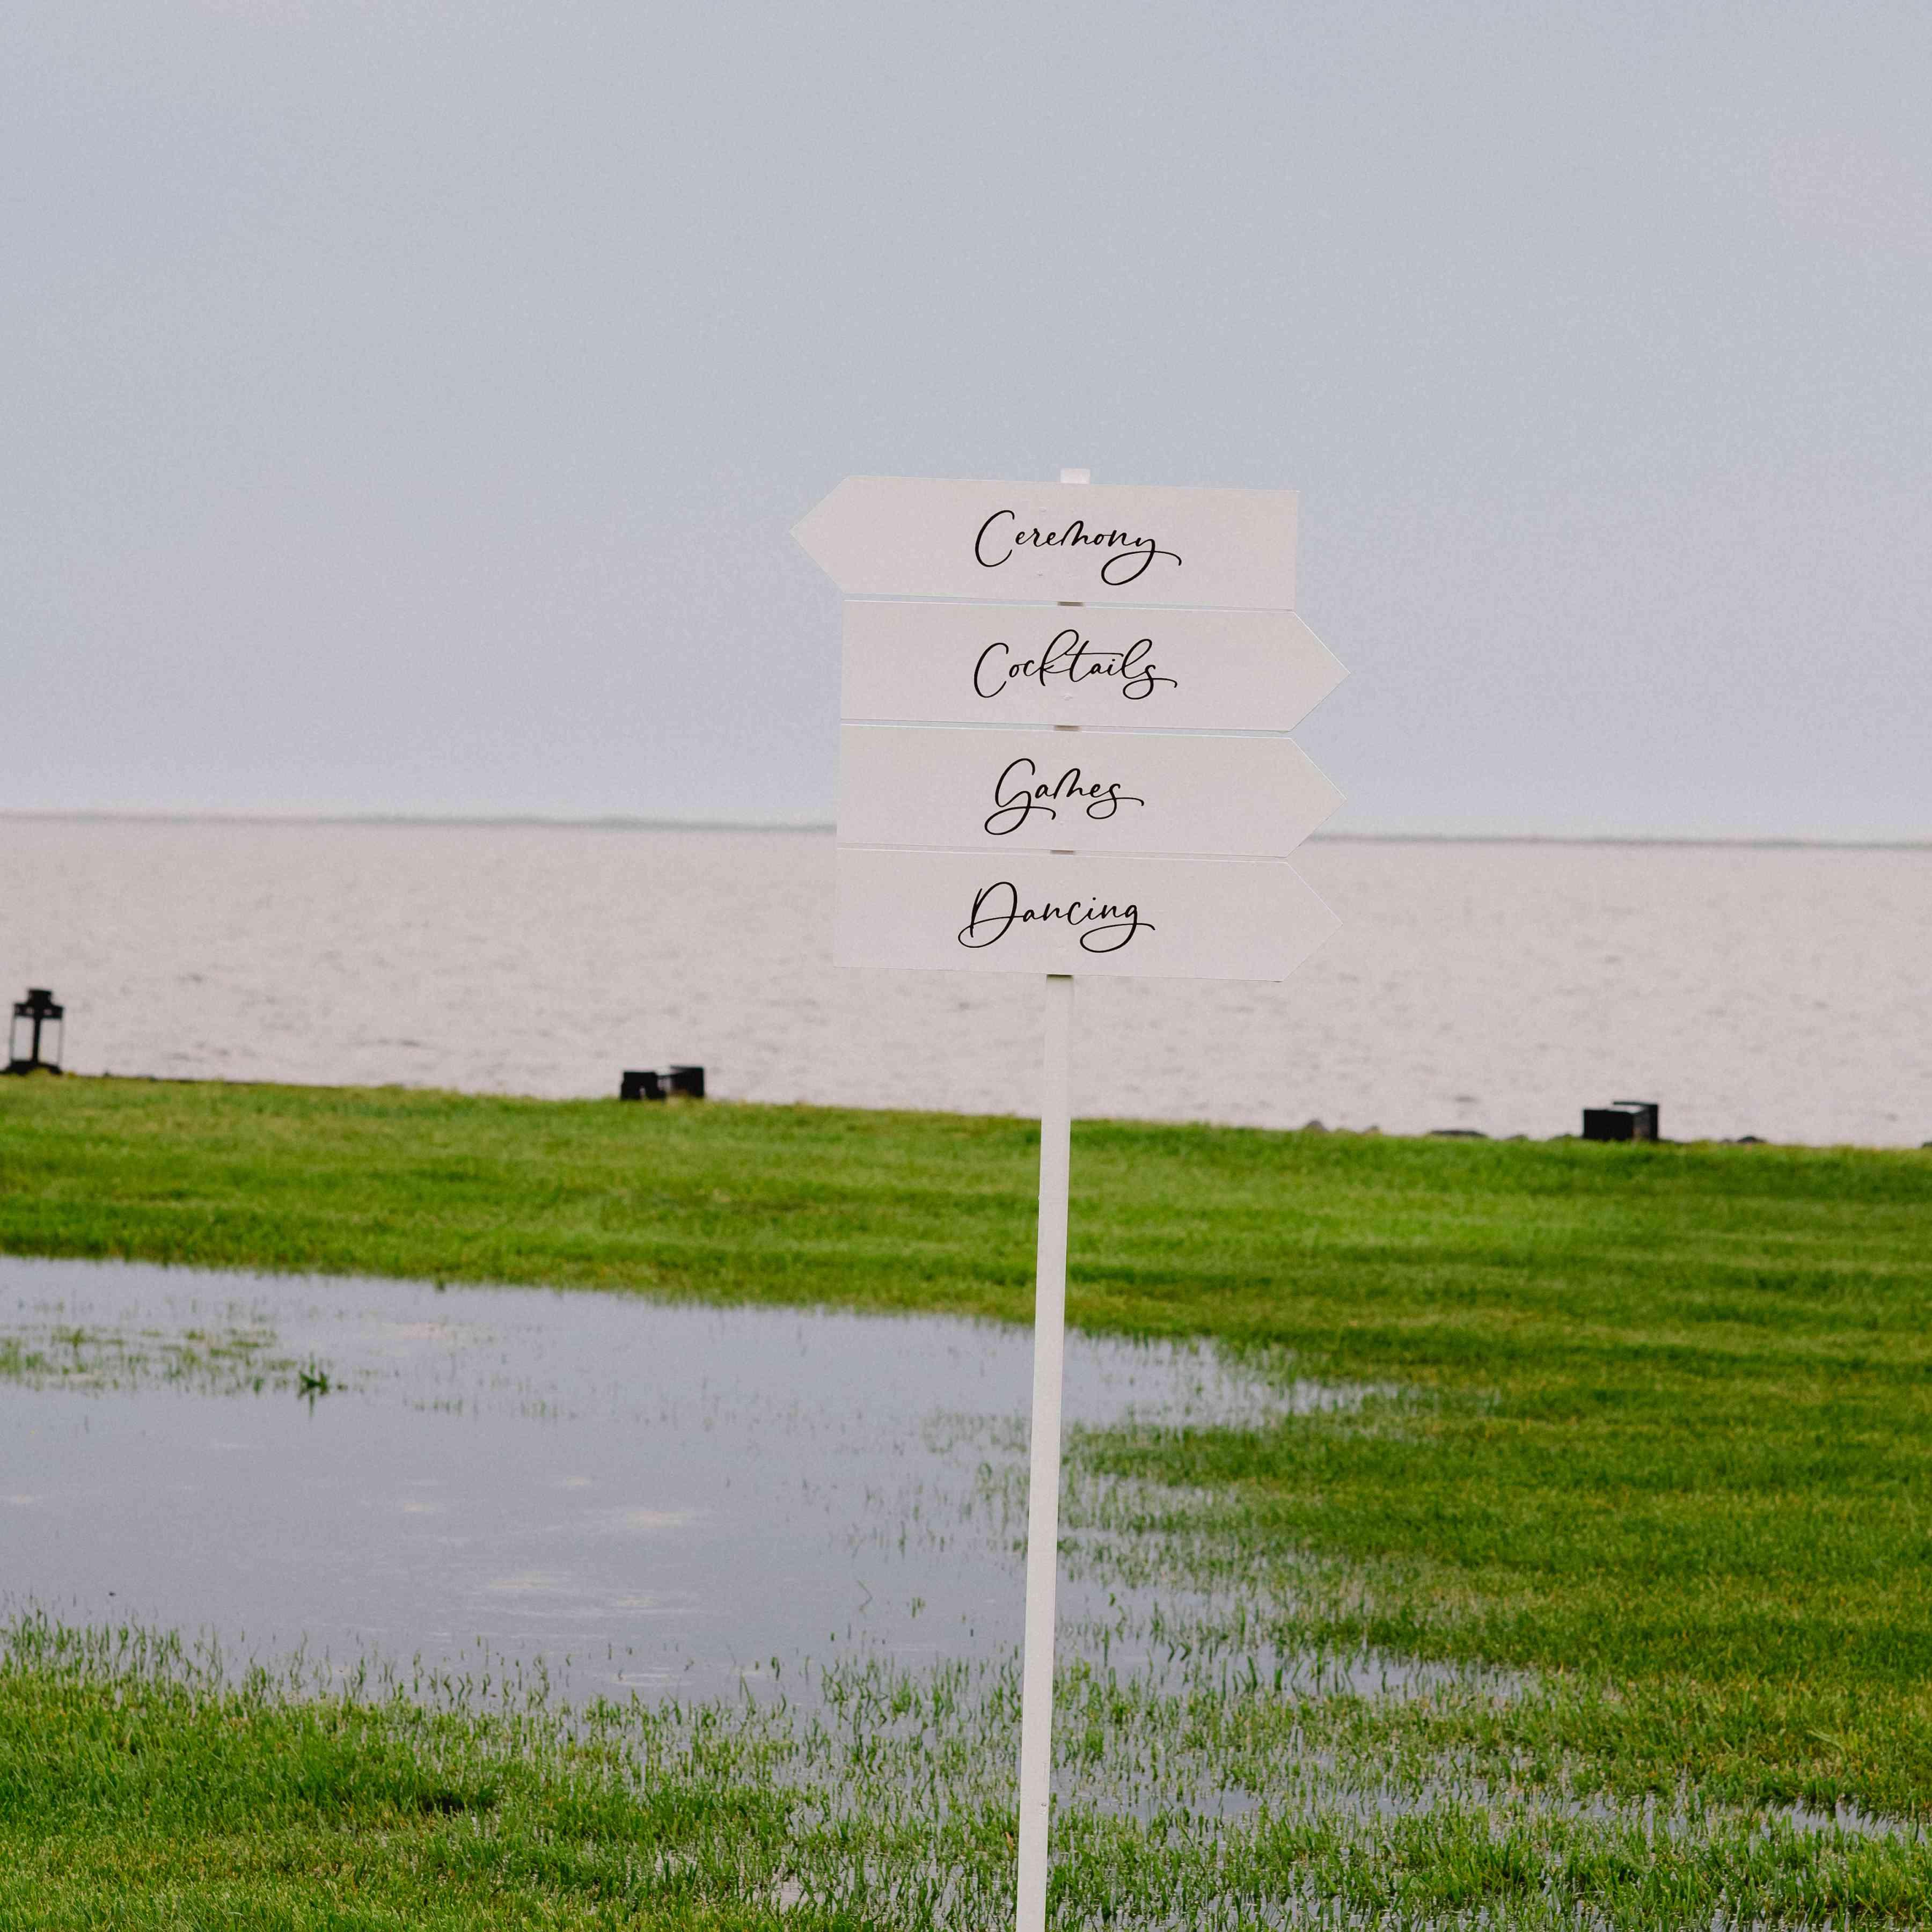 signage in rain